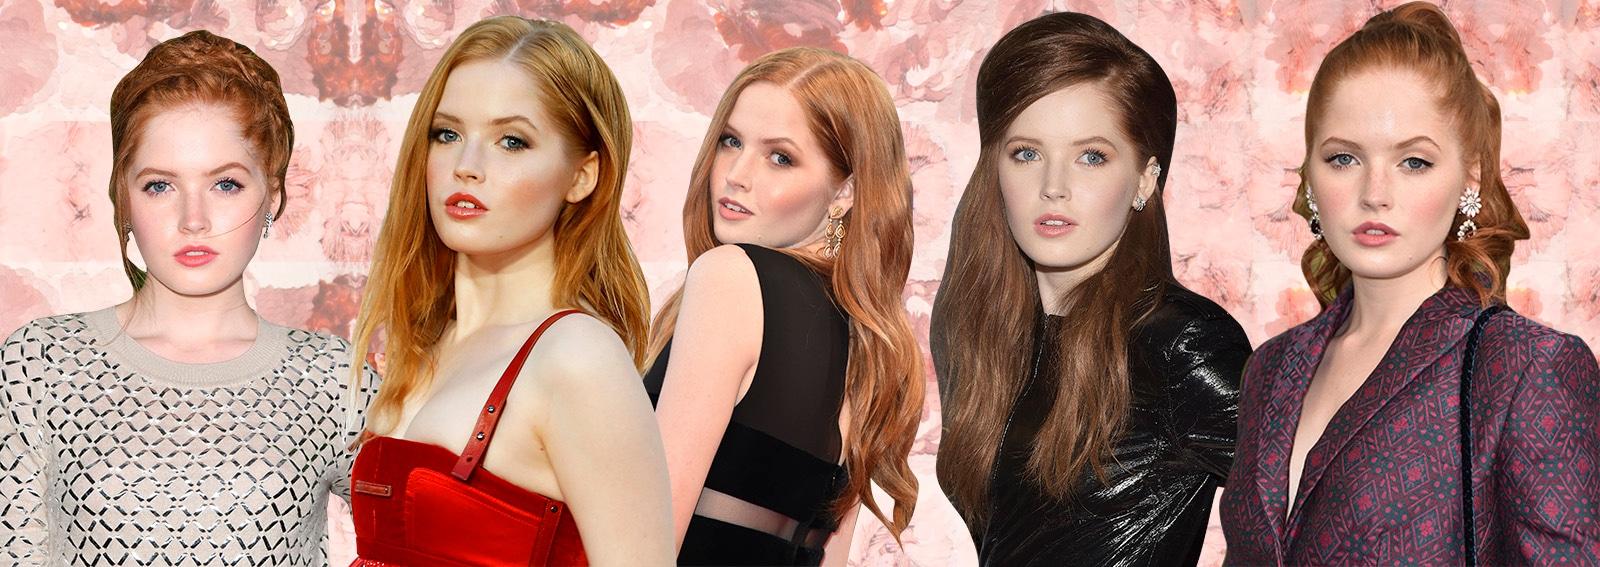 Ellie Bamber beauty look i migliori della musa di Tom Ford